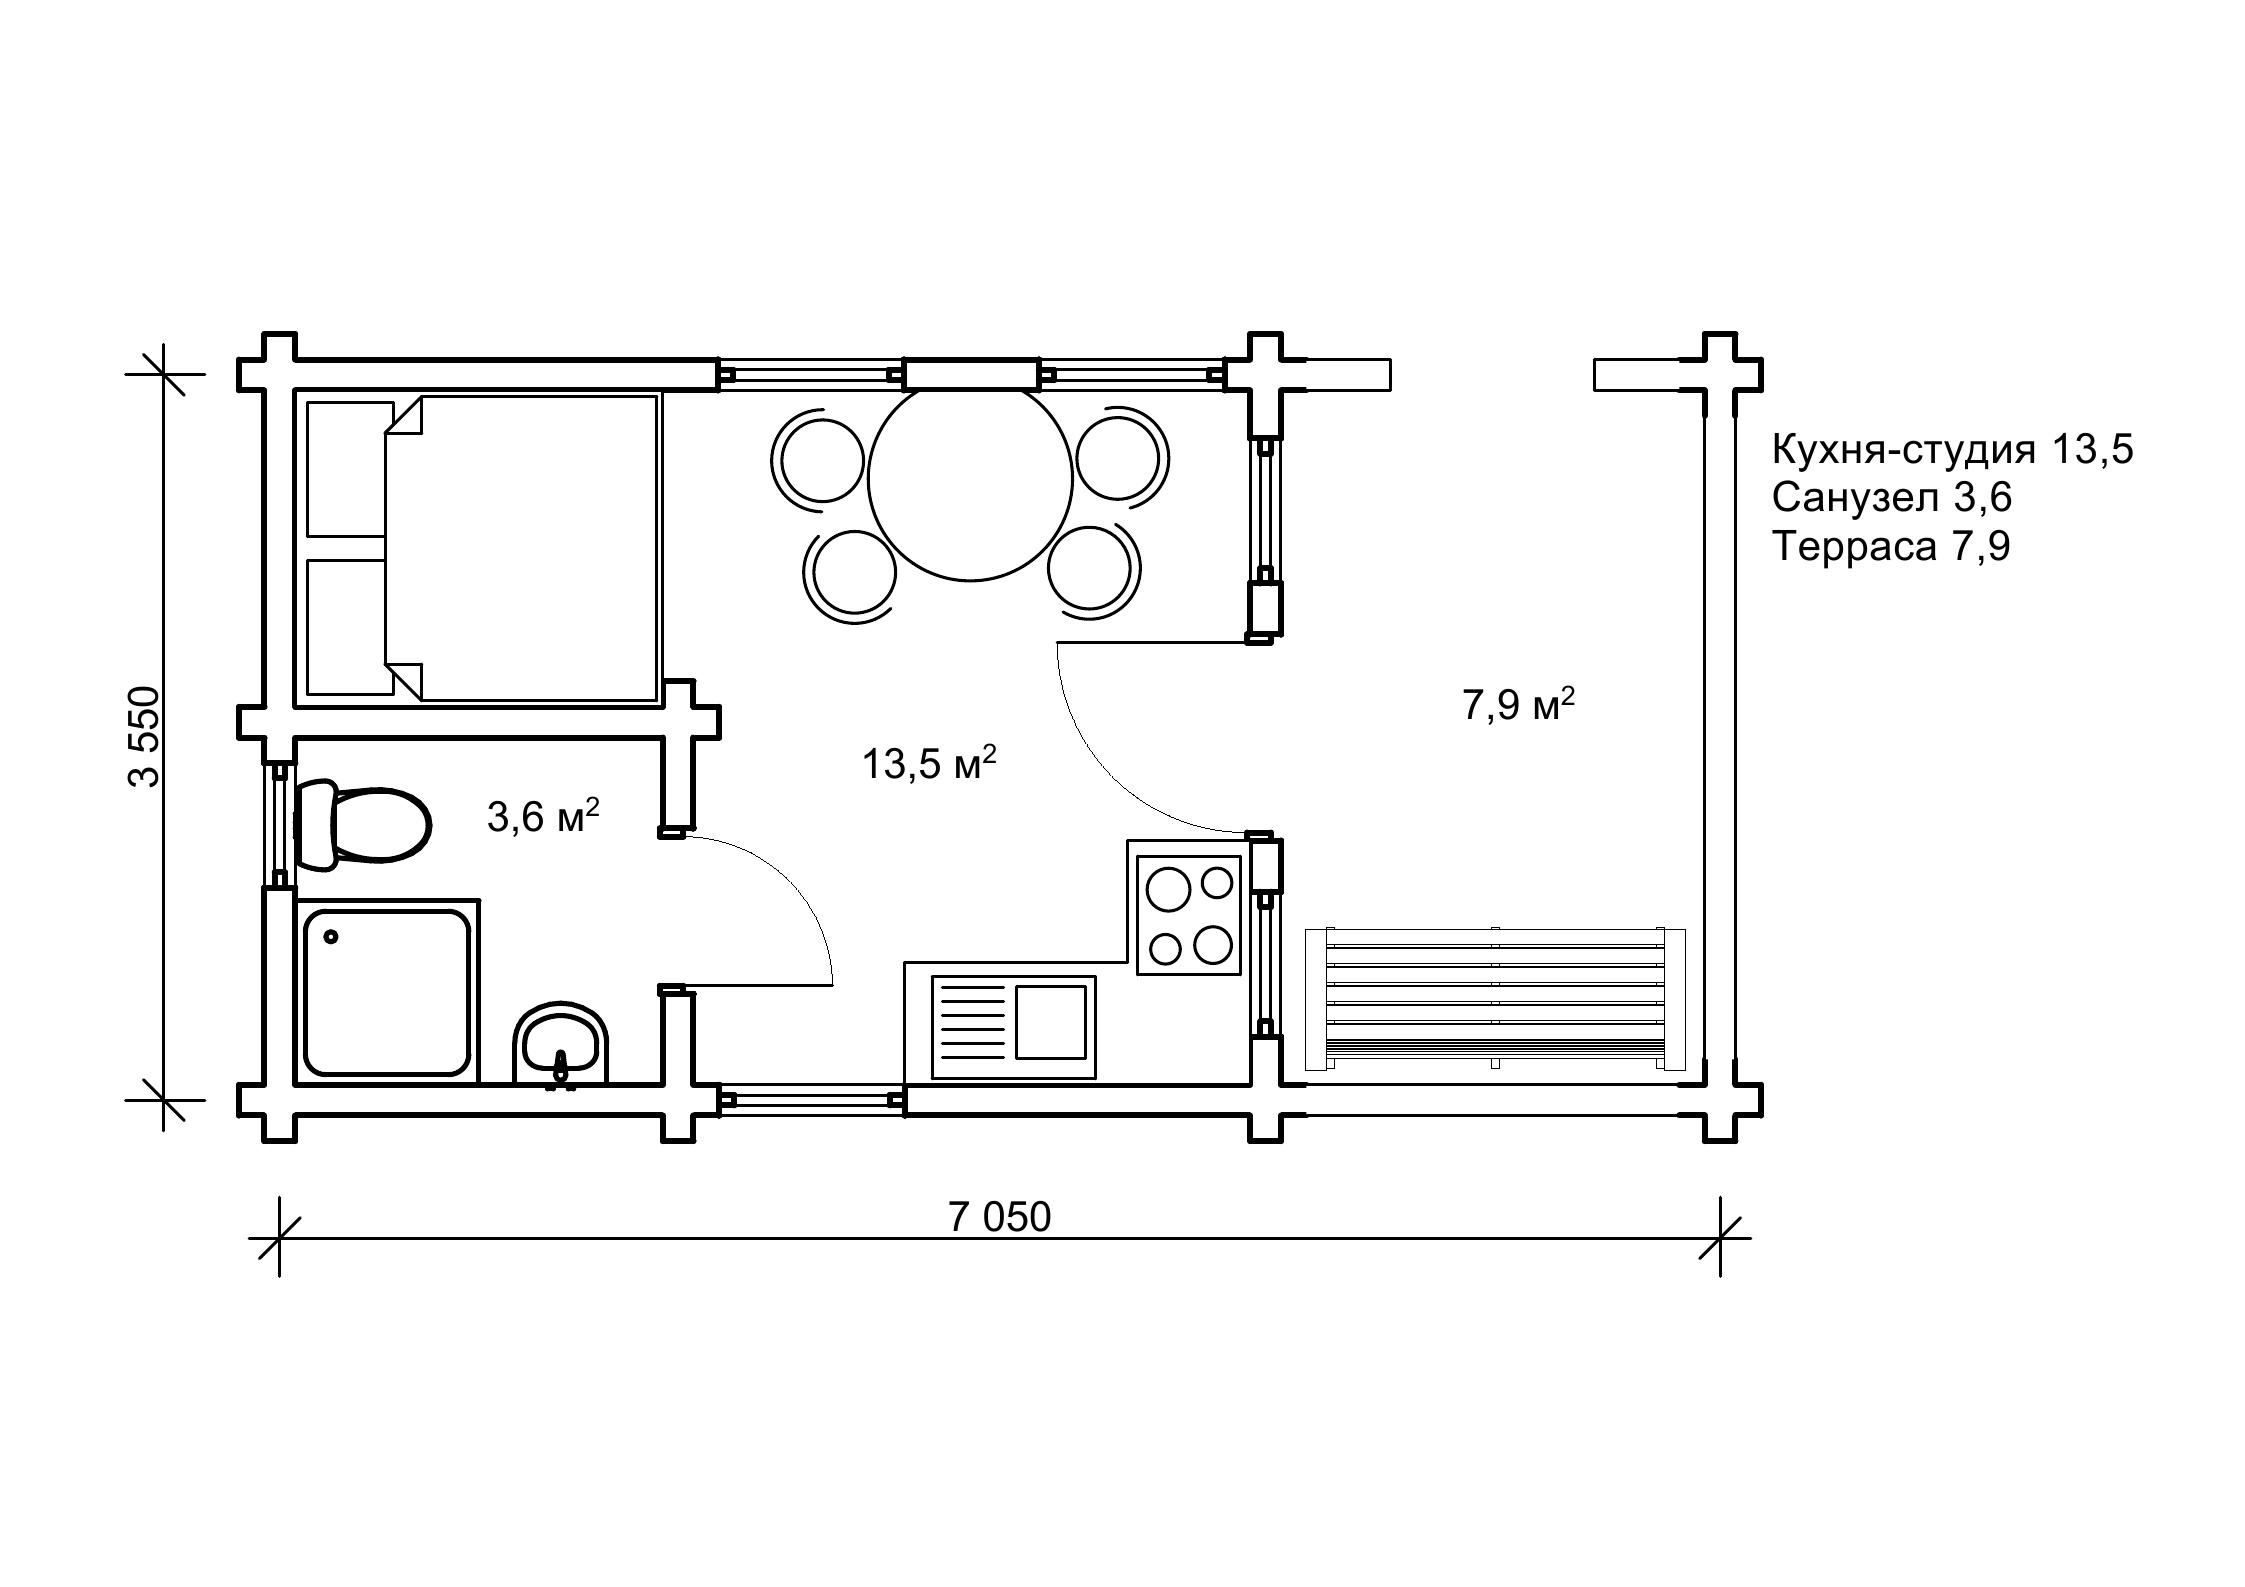 «Пряница» — садовий будиночок 3,5 на 7 м из сухого бруса